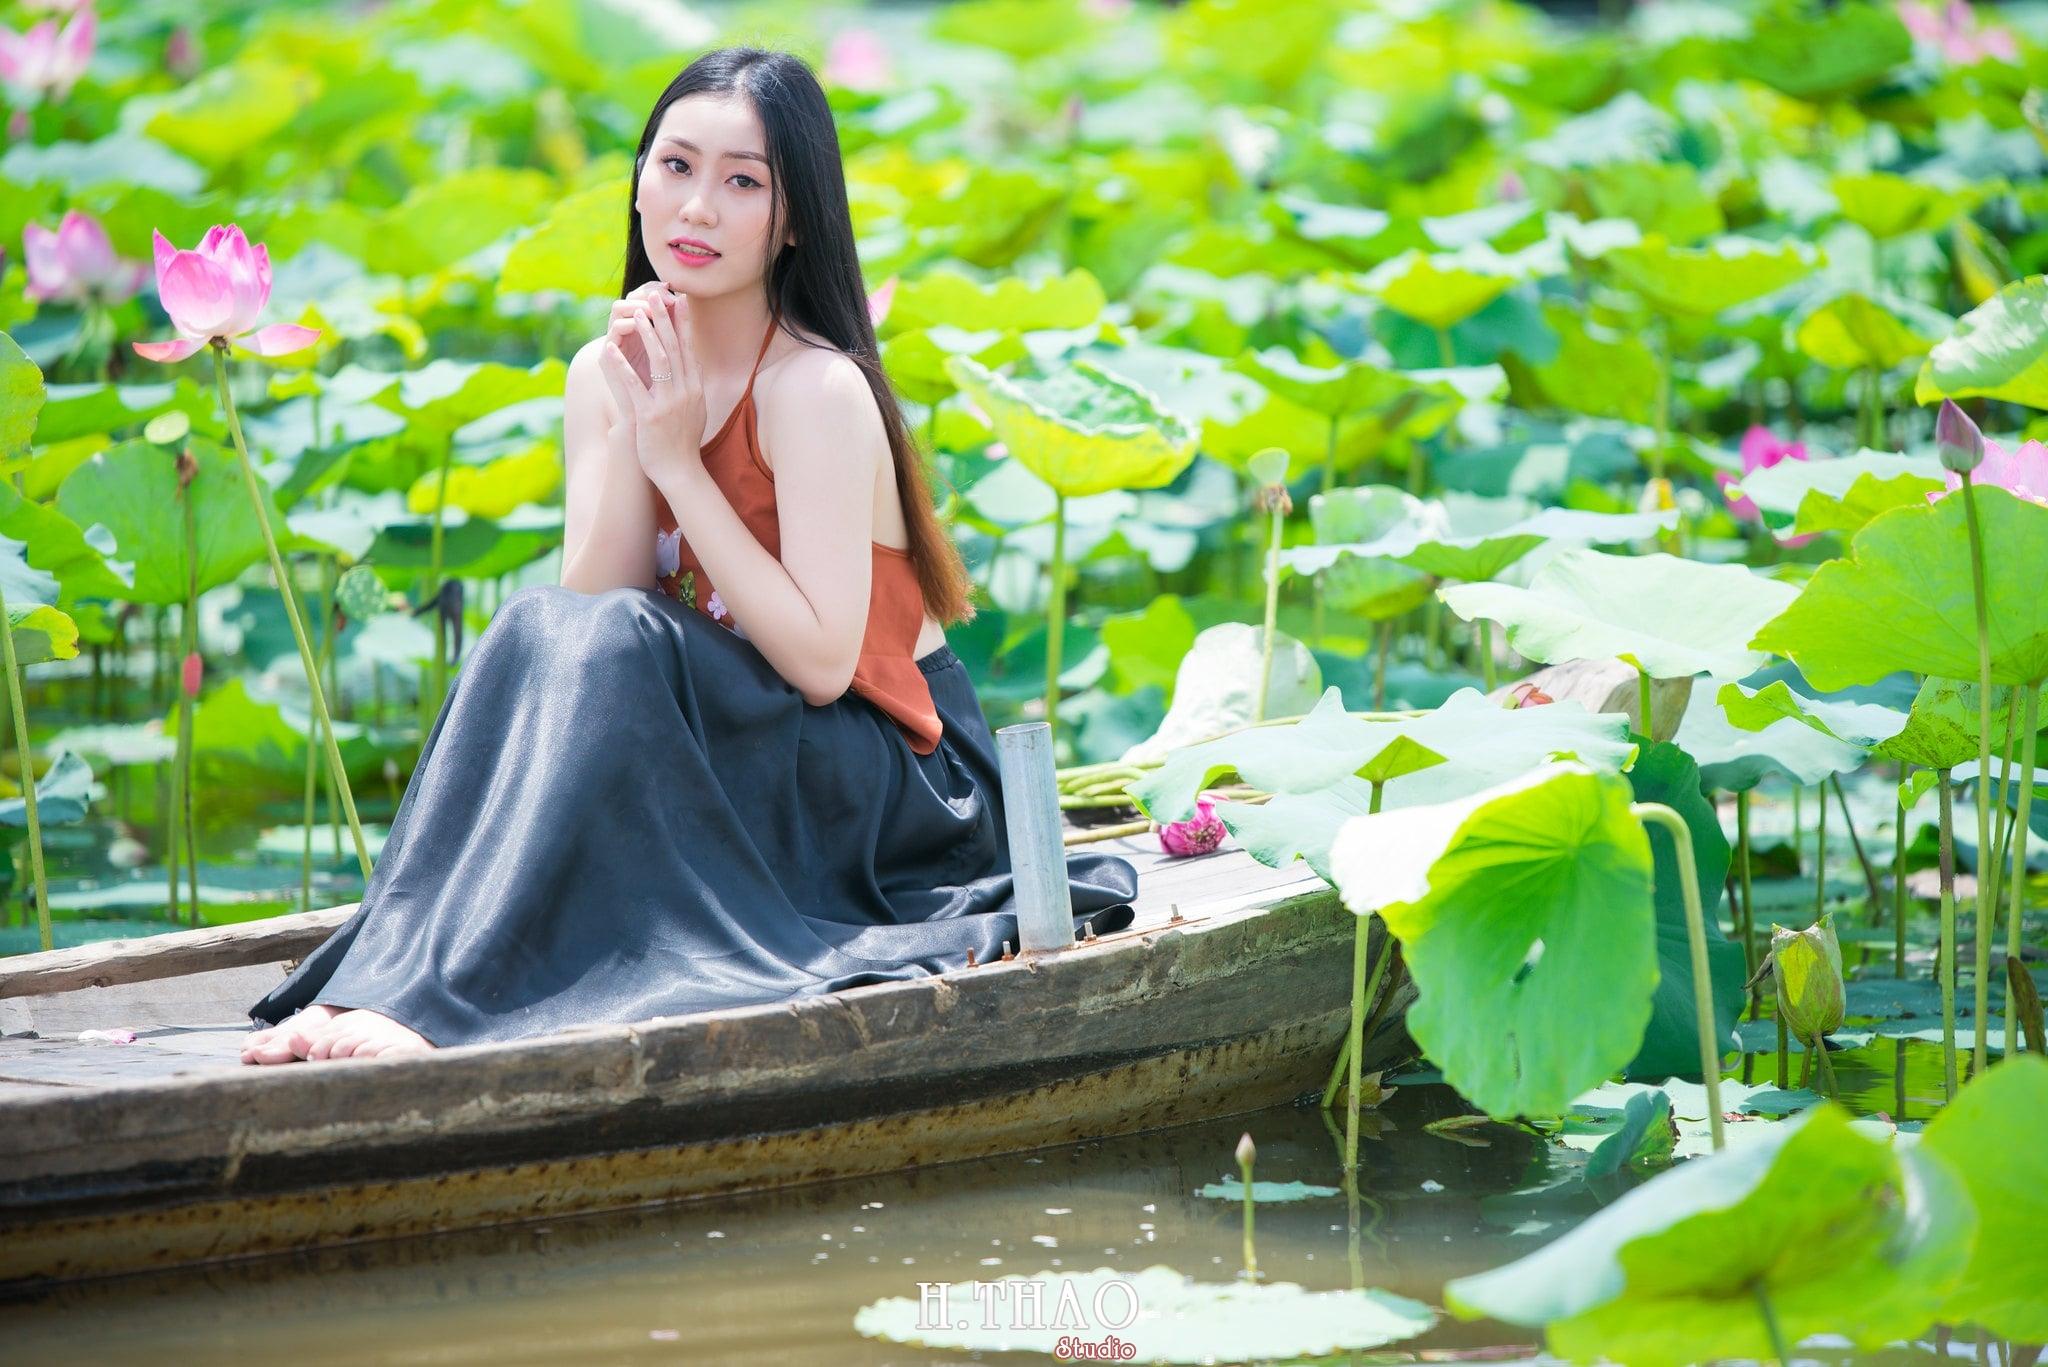 ao yem hoa sen 17 - Album ảnh chụp áo yếm với hoa sen đẹp dịu dàng - HThao Studio